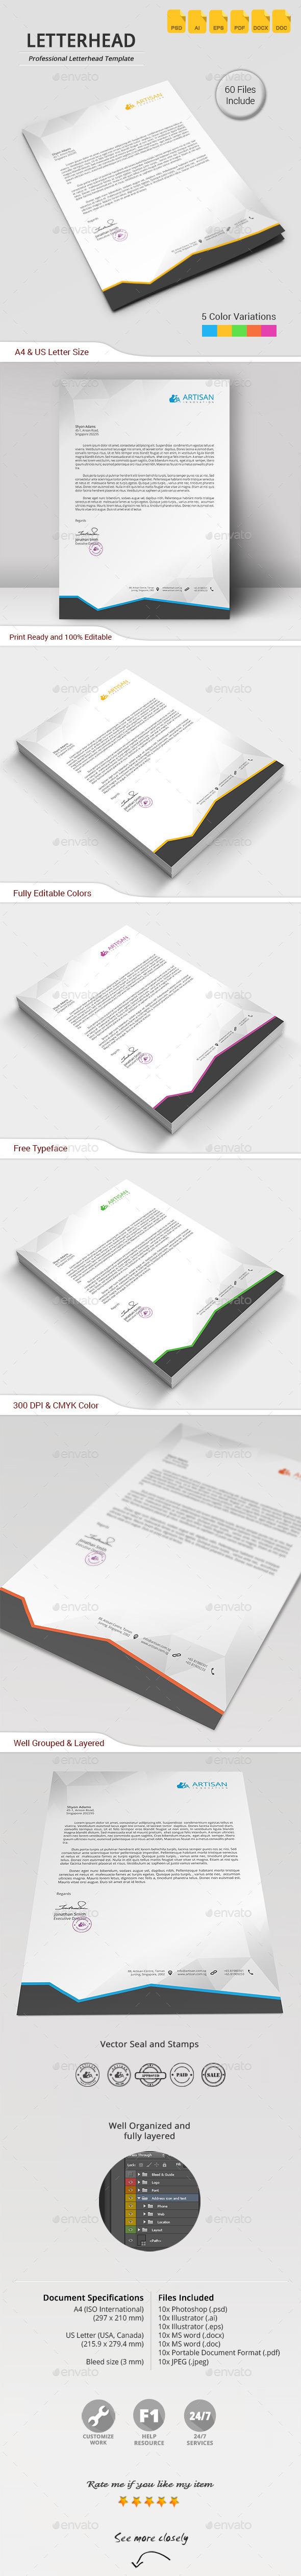 GraphicRiver Letterhead 11860295